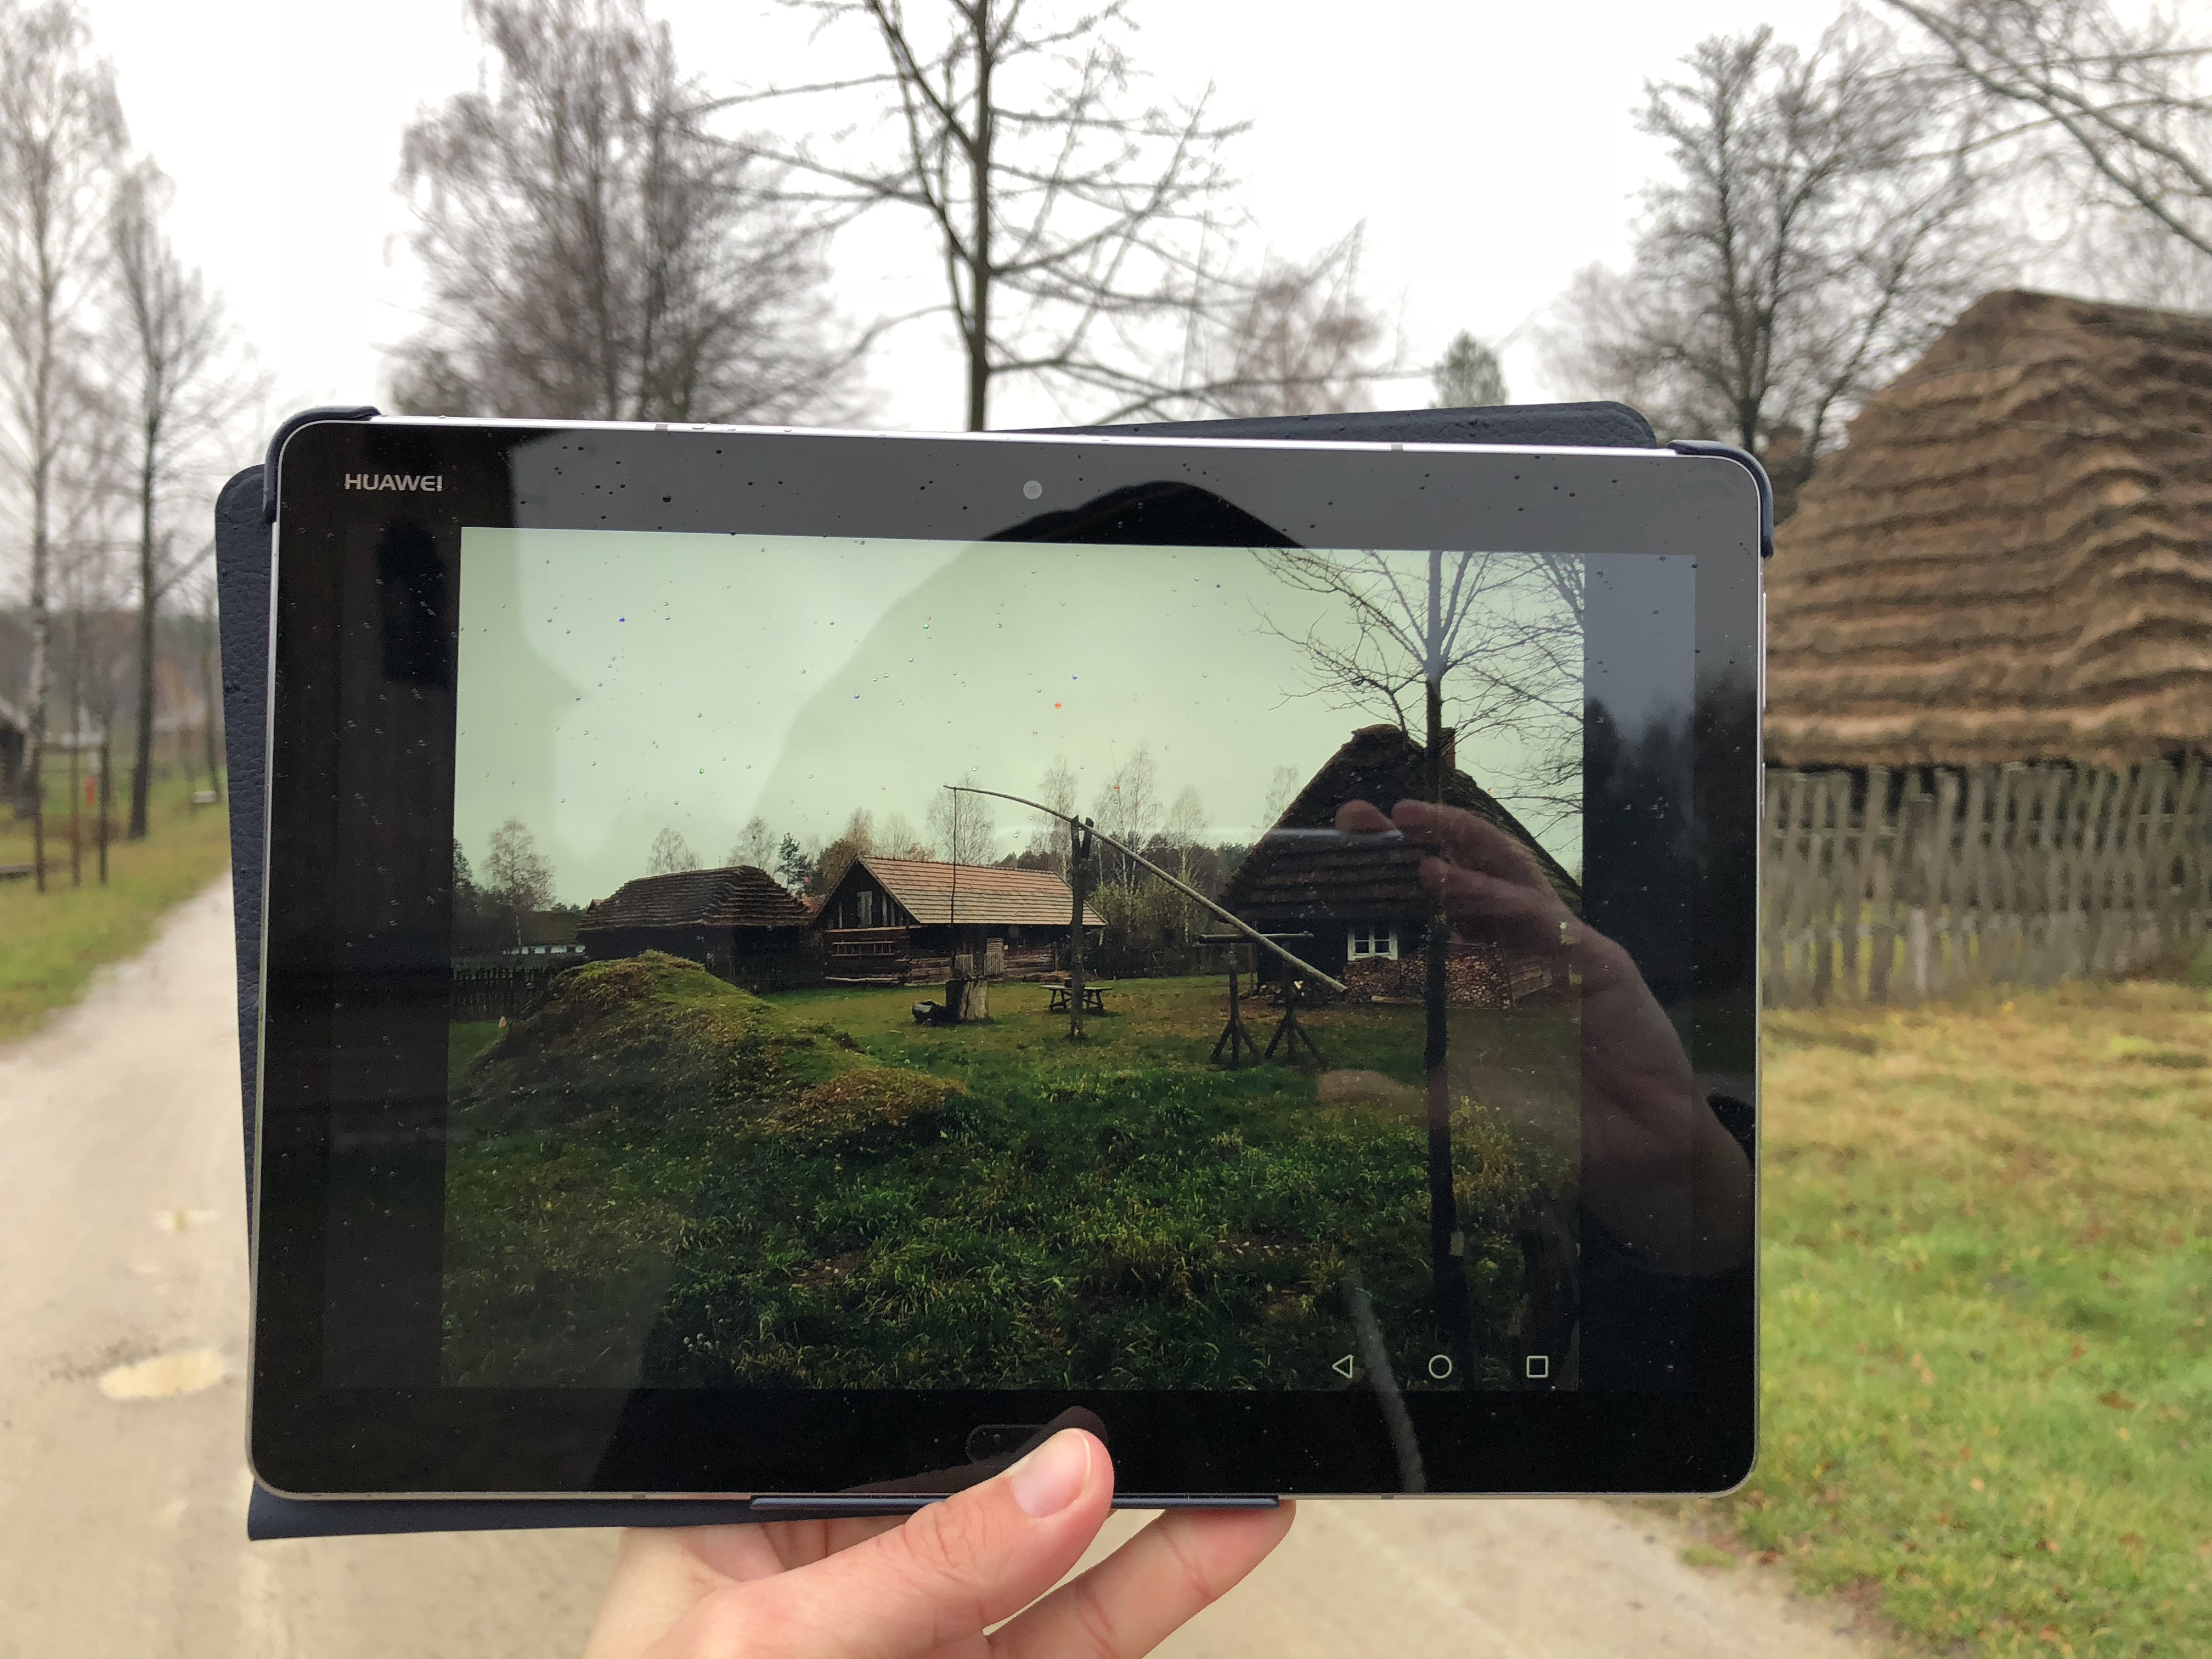 Rzeszów, Podkarpackie, co robić w okolicy Rzeszowa, Skansen, Kolbuszowa, Muzeum Kultury ludowej, tablet, Huawei